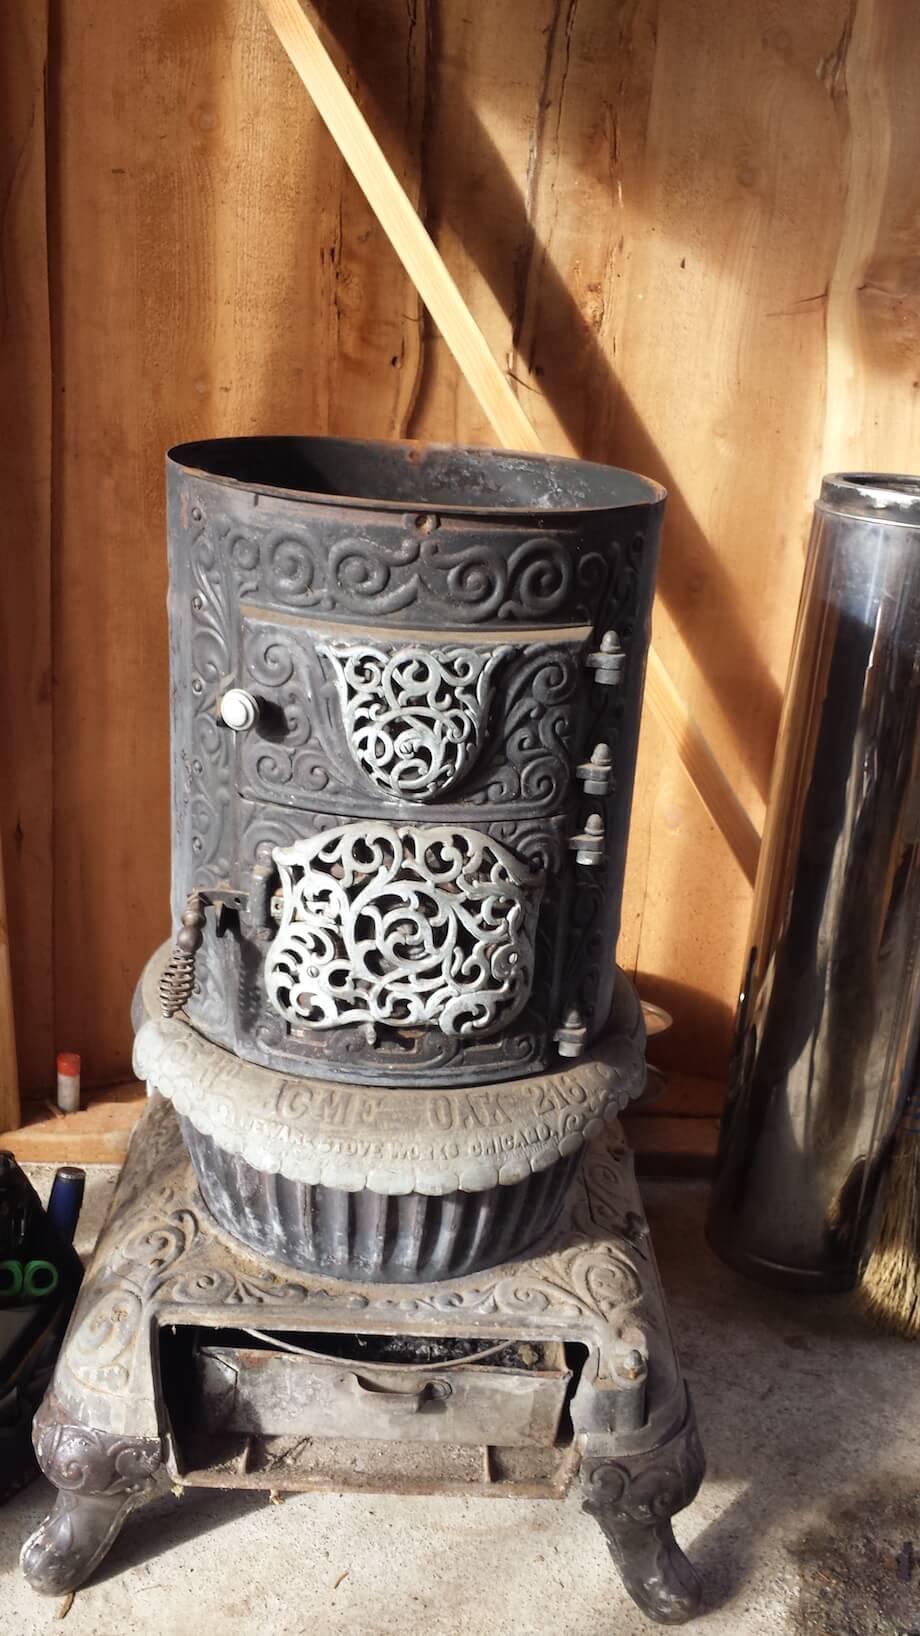 cast-iron stove as DIY sauna heating element